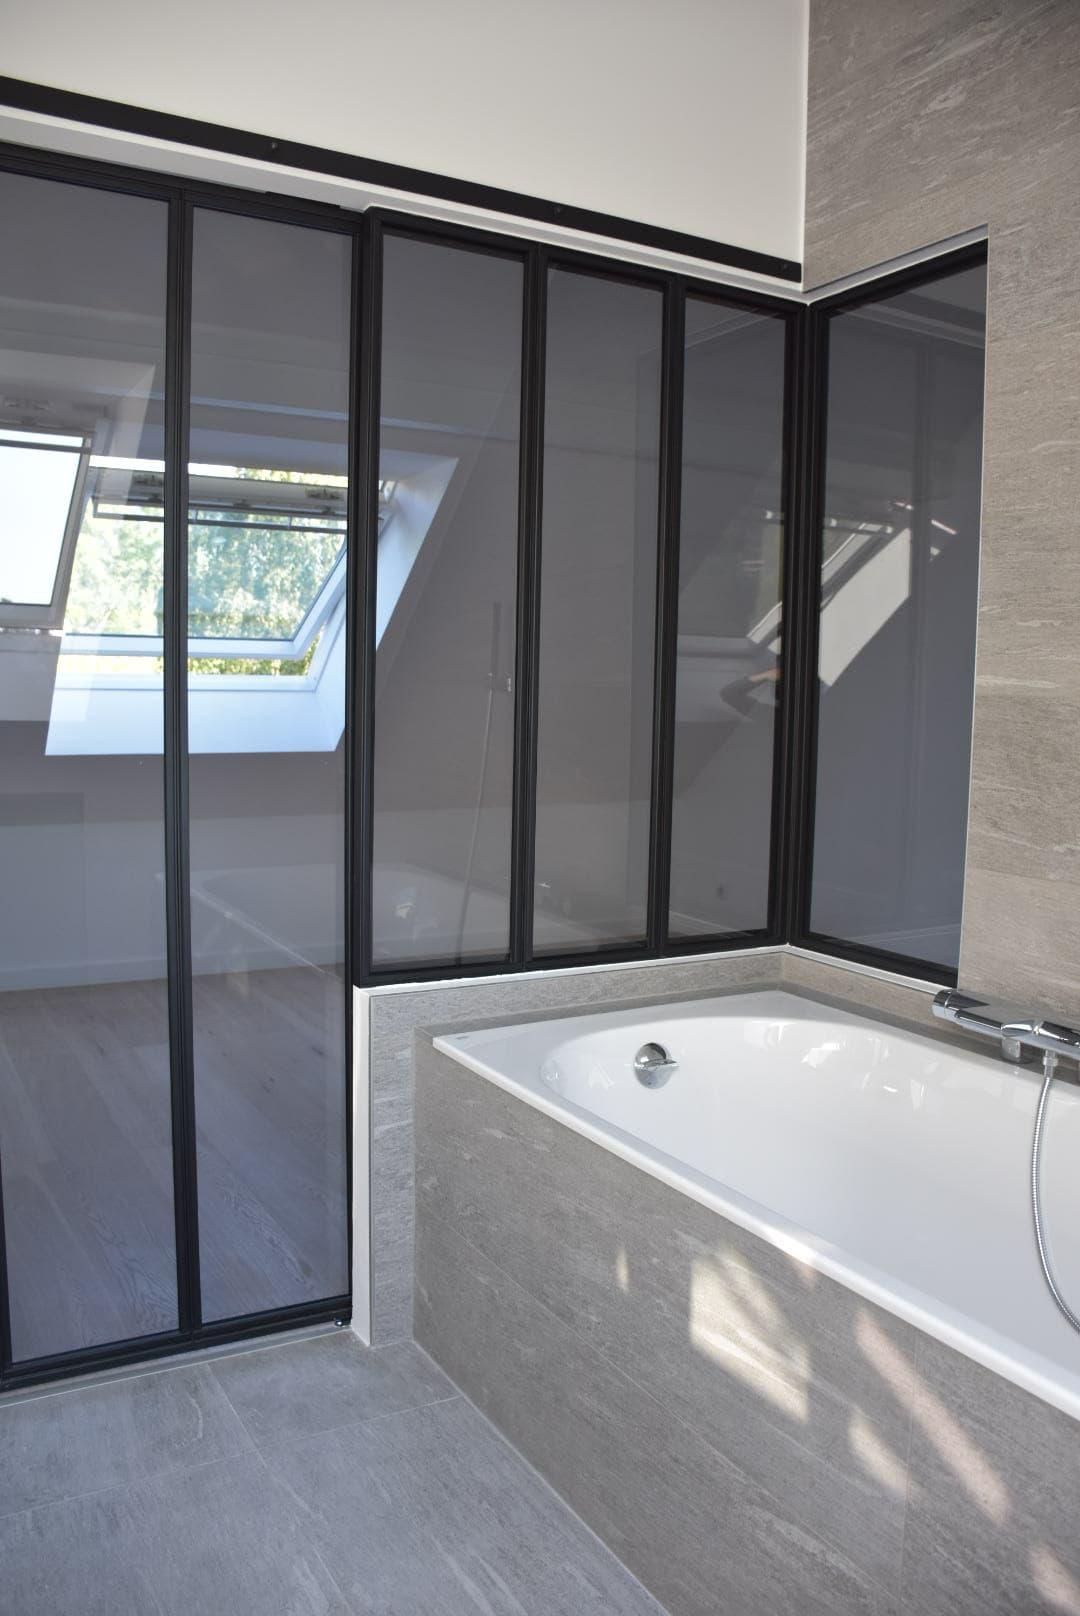 Verrière de salle de bain + porte coulissante ROBI Annecy (74)8